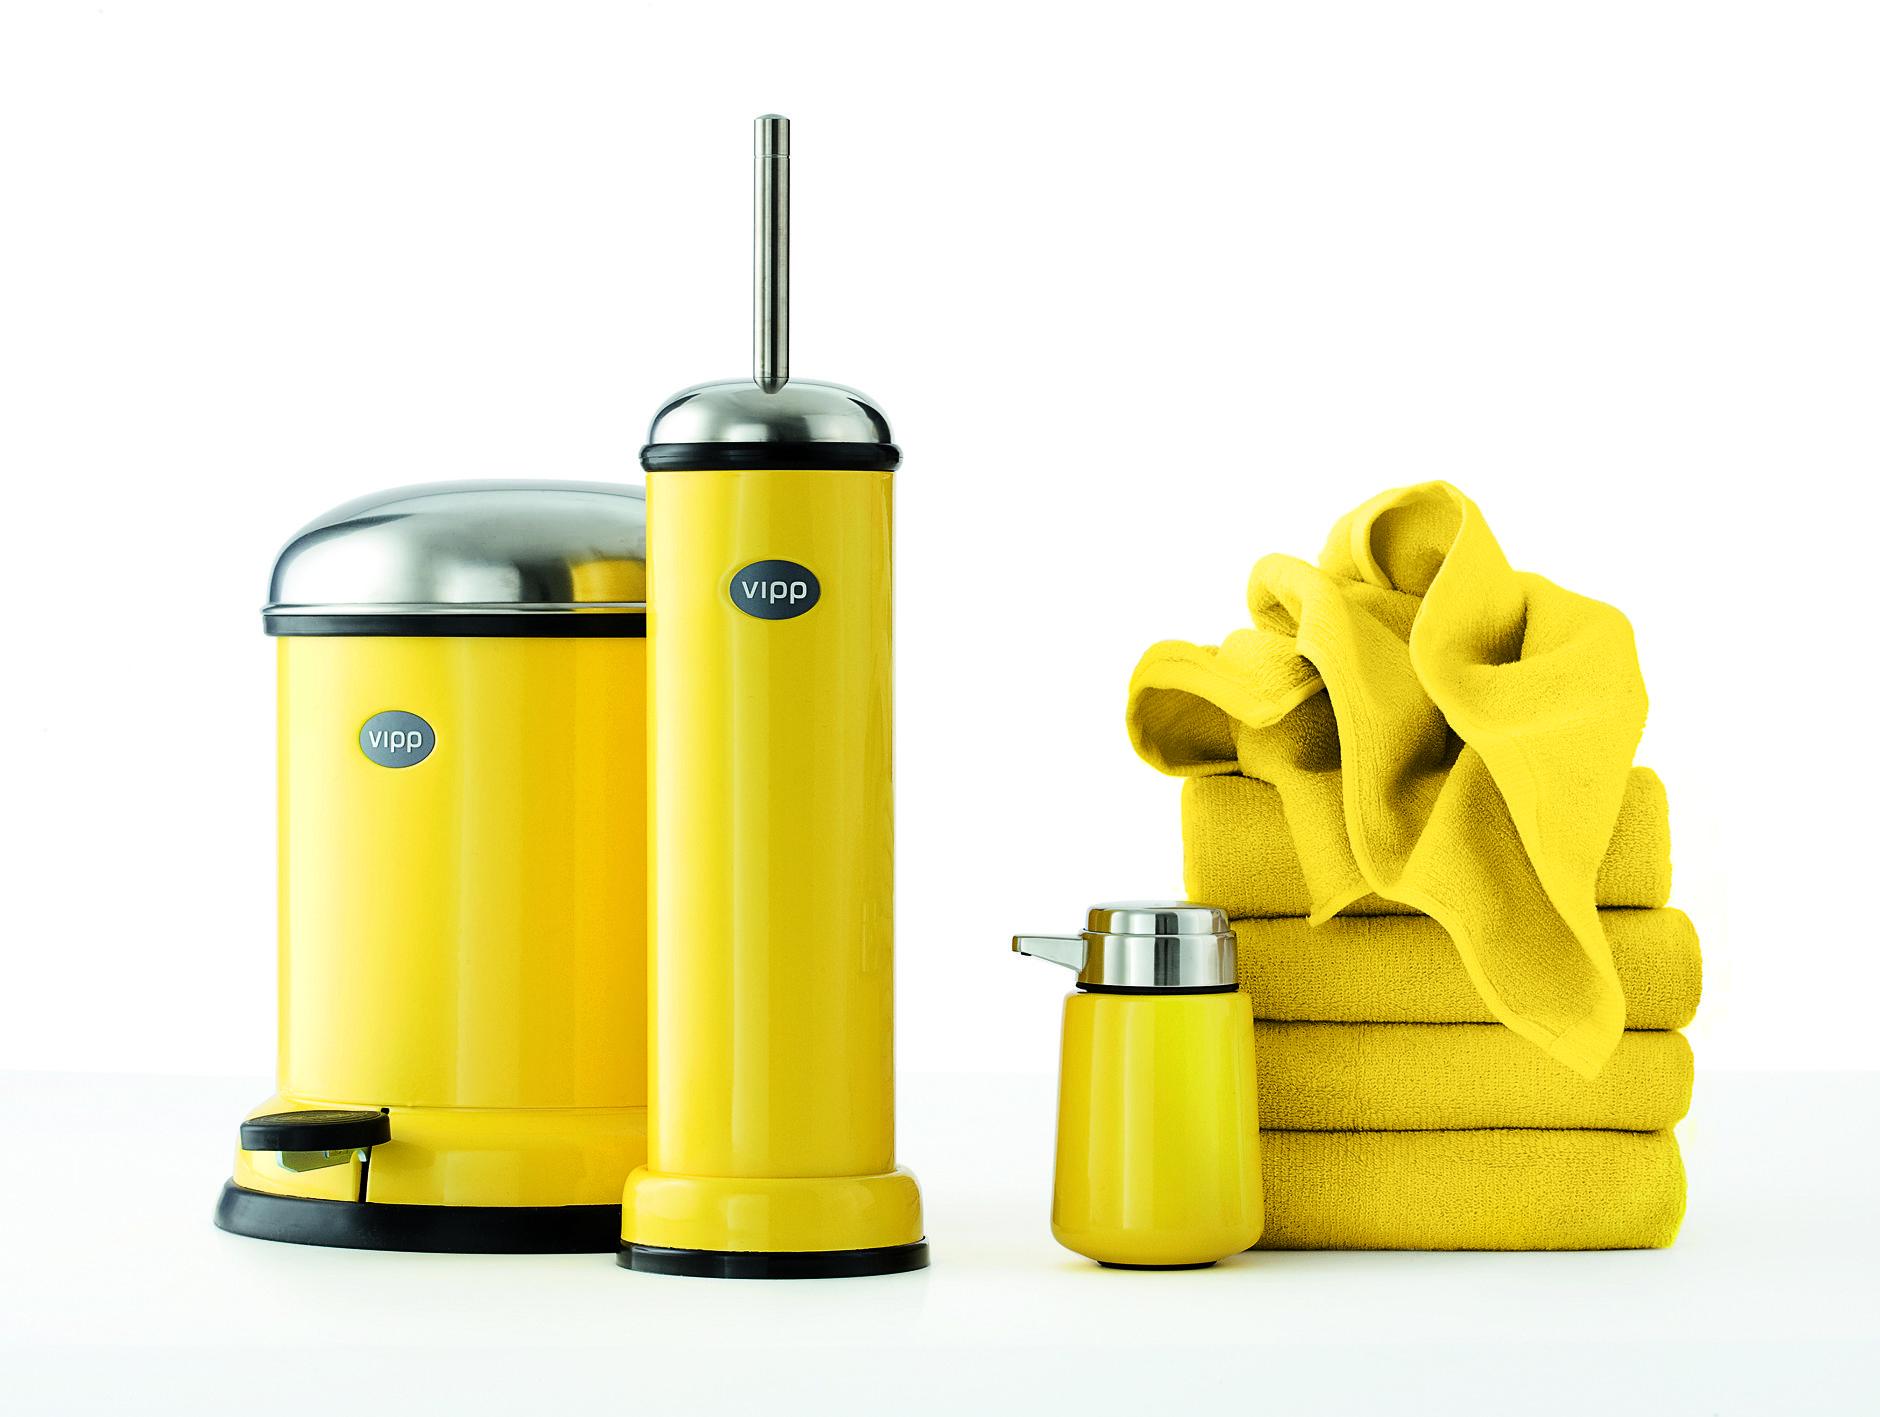 Genial Yellow Bathroom Accessories Fb4w4fvf (1880×1417)